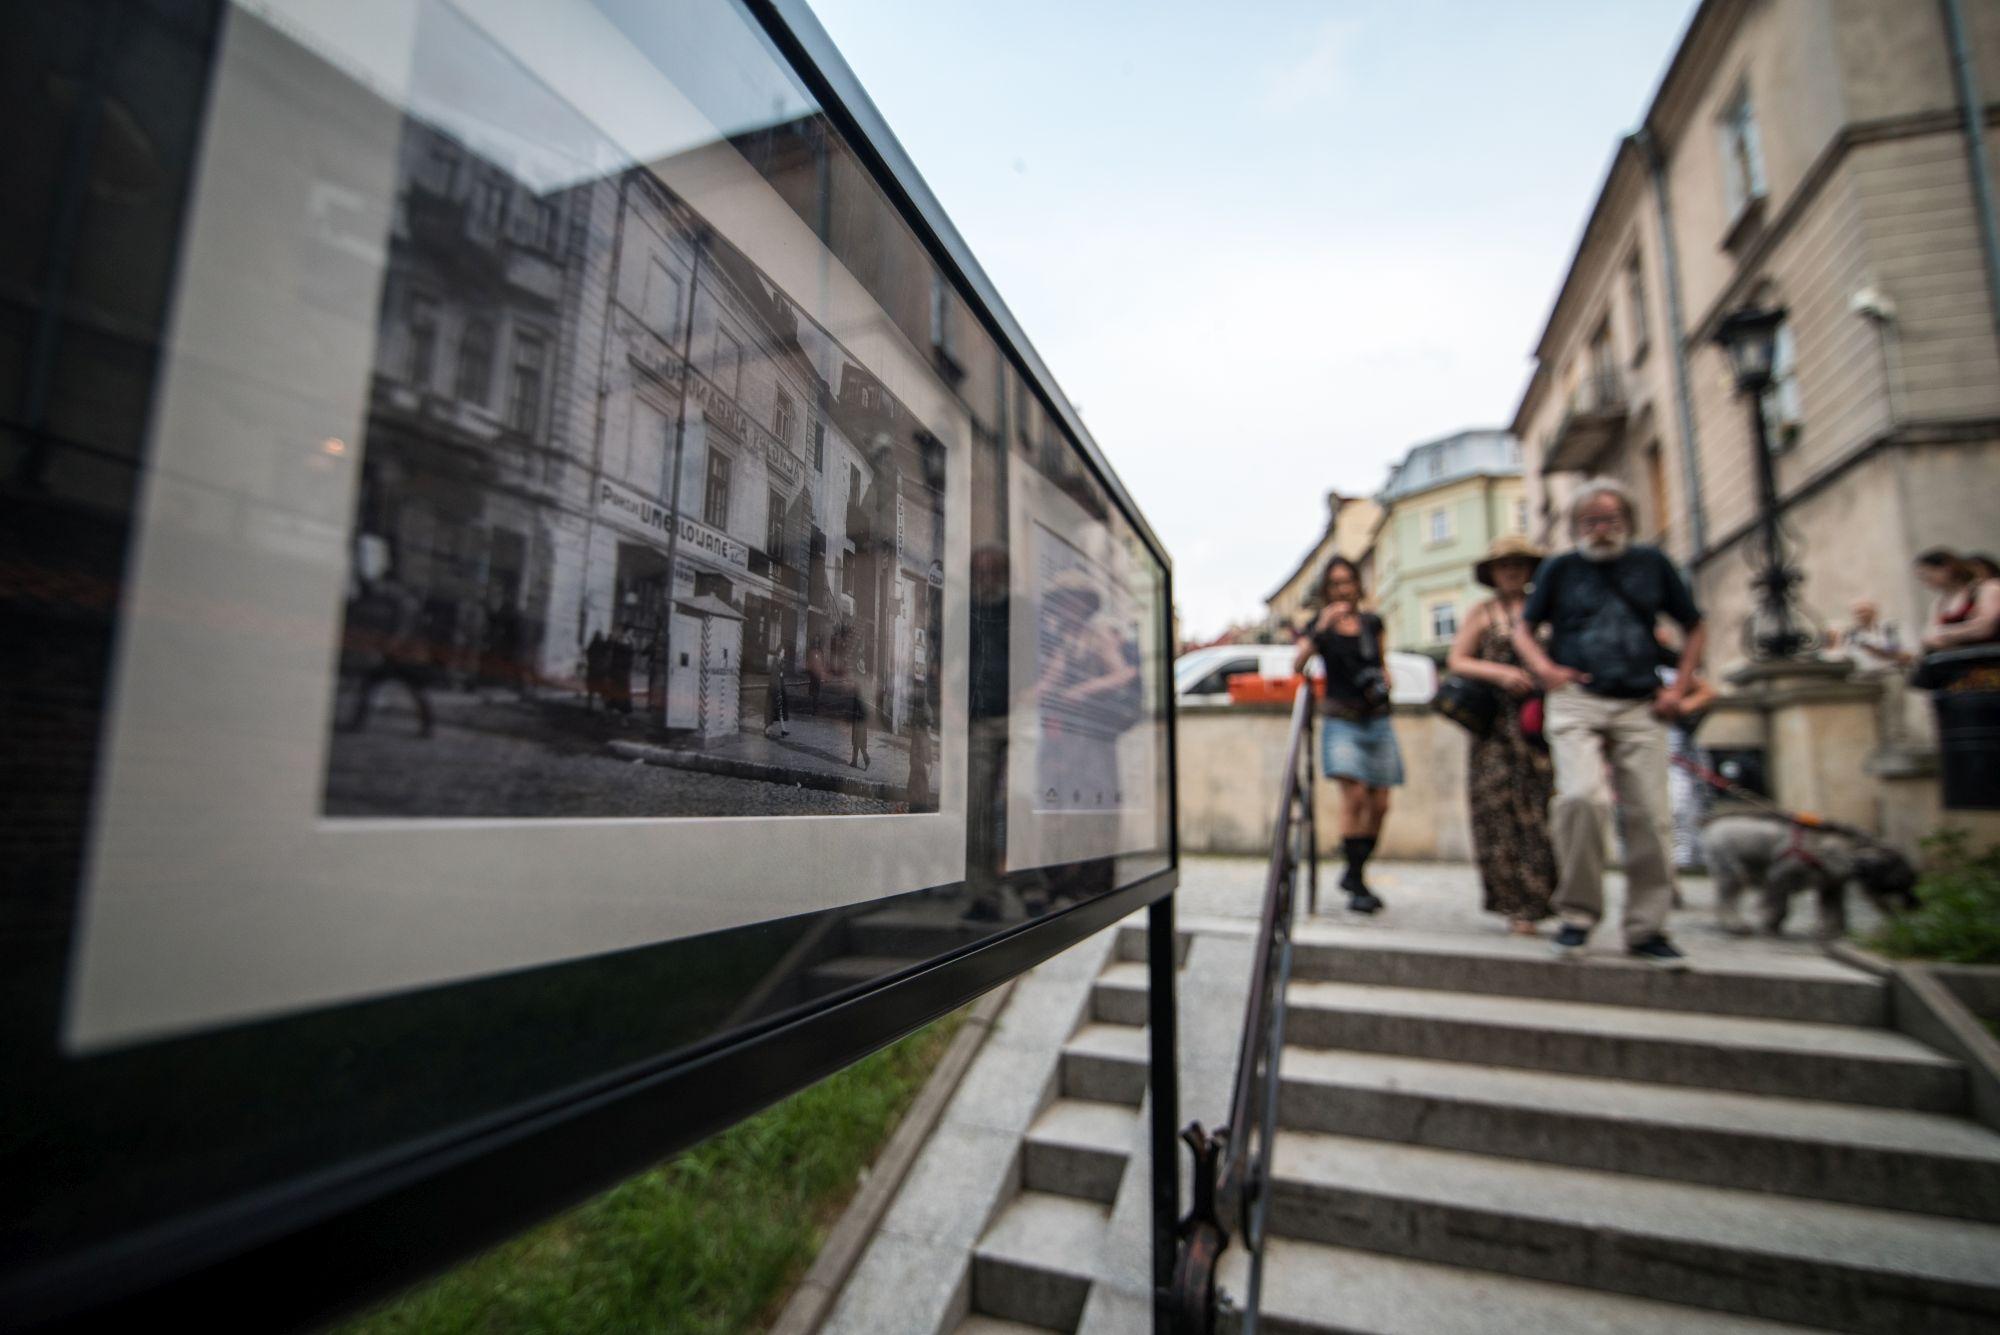 Kiełsznia - dokumentalista Lublina [galeria fotografii w Zaułku Hartwigów, zbliżenie na fotografię, w tle odwiedzający]